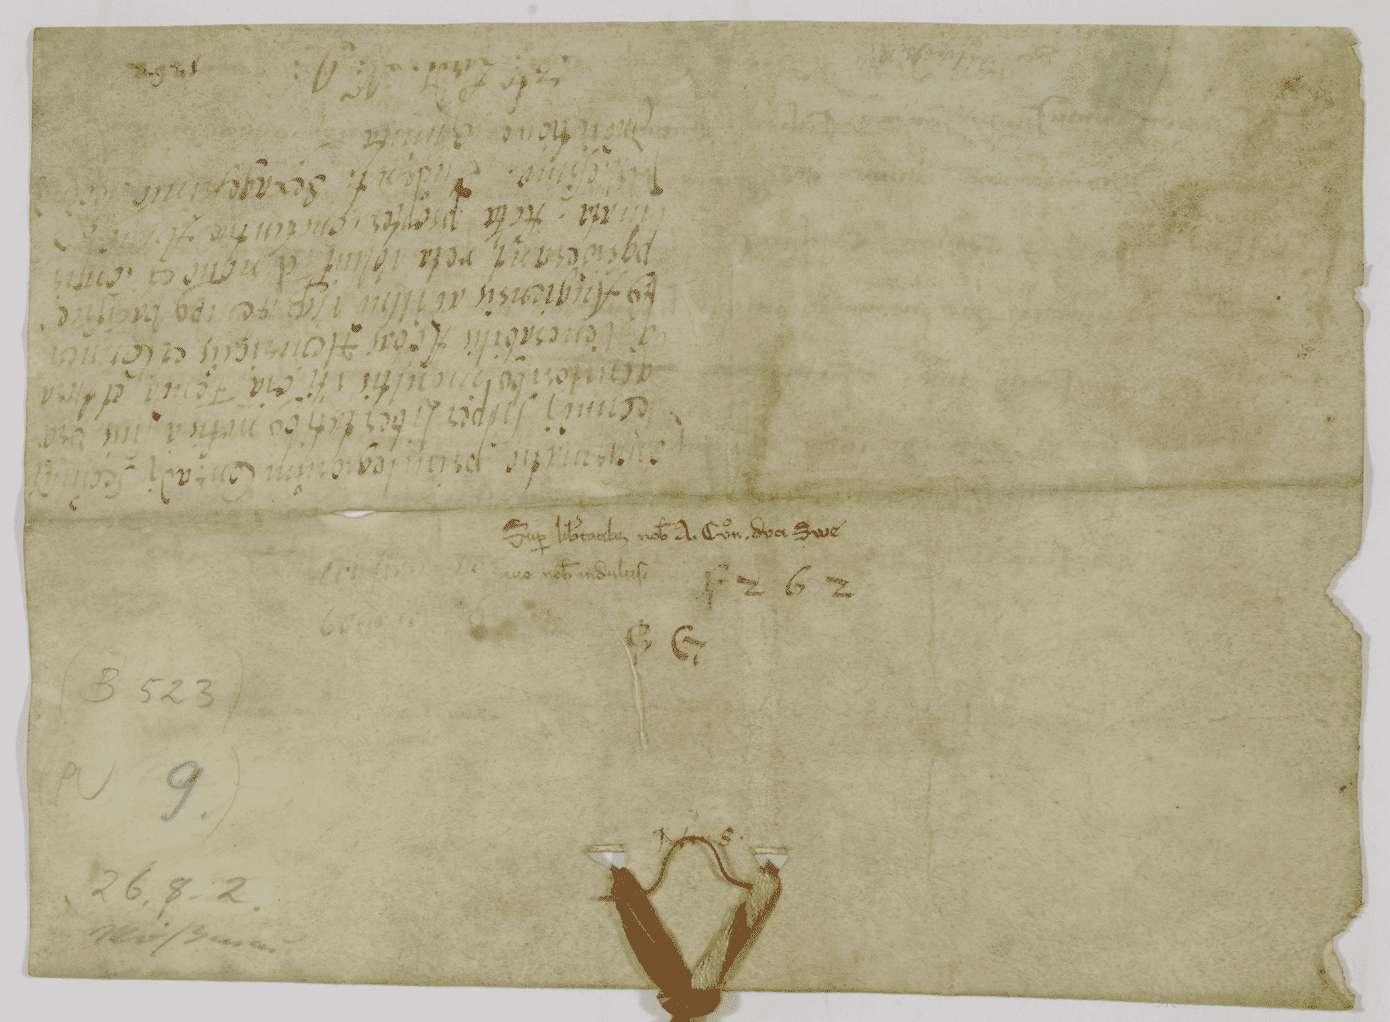 König Konradin von Jerusalem und Sizilien, Herzog von Schwaben, bestätigt dem Kloster Weißenau alle demselben von seinen Vorfahren verliehenen Rechte., Bild 2